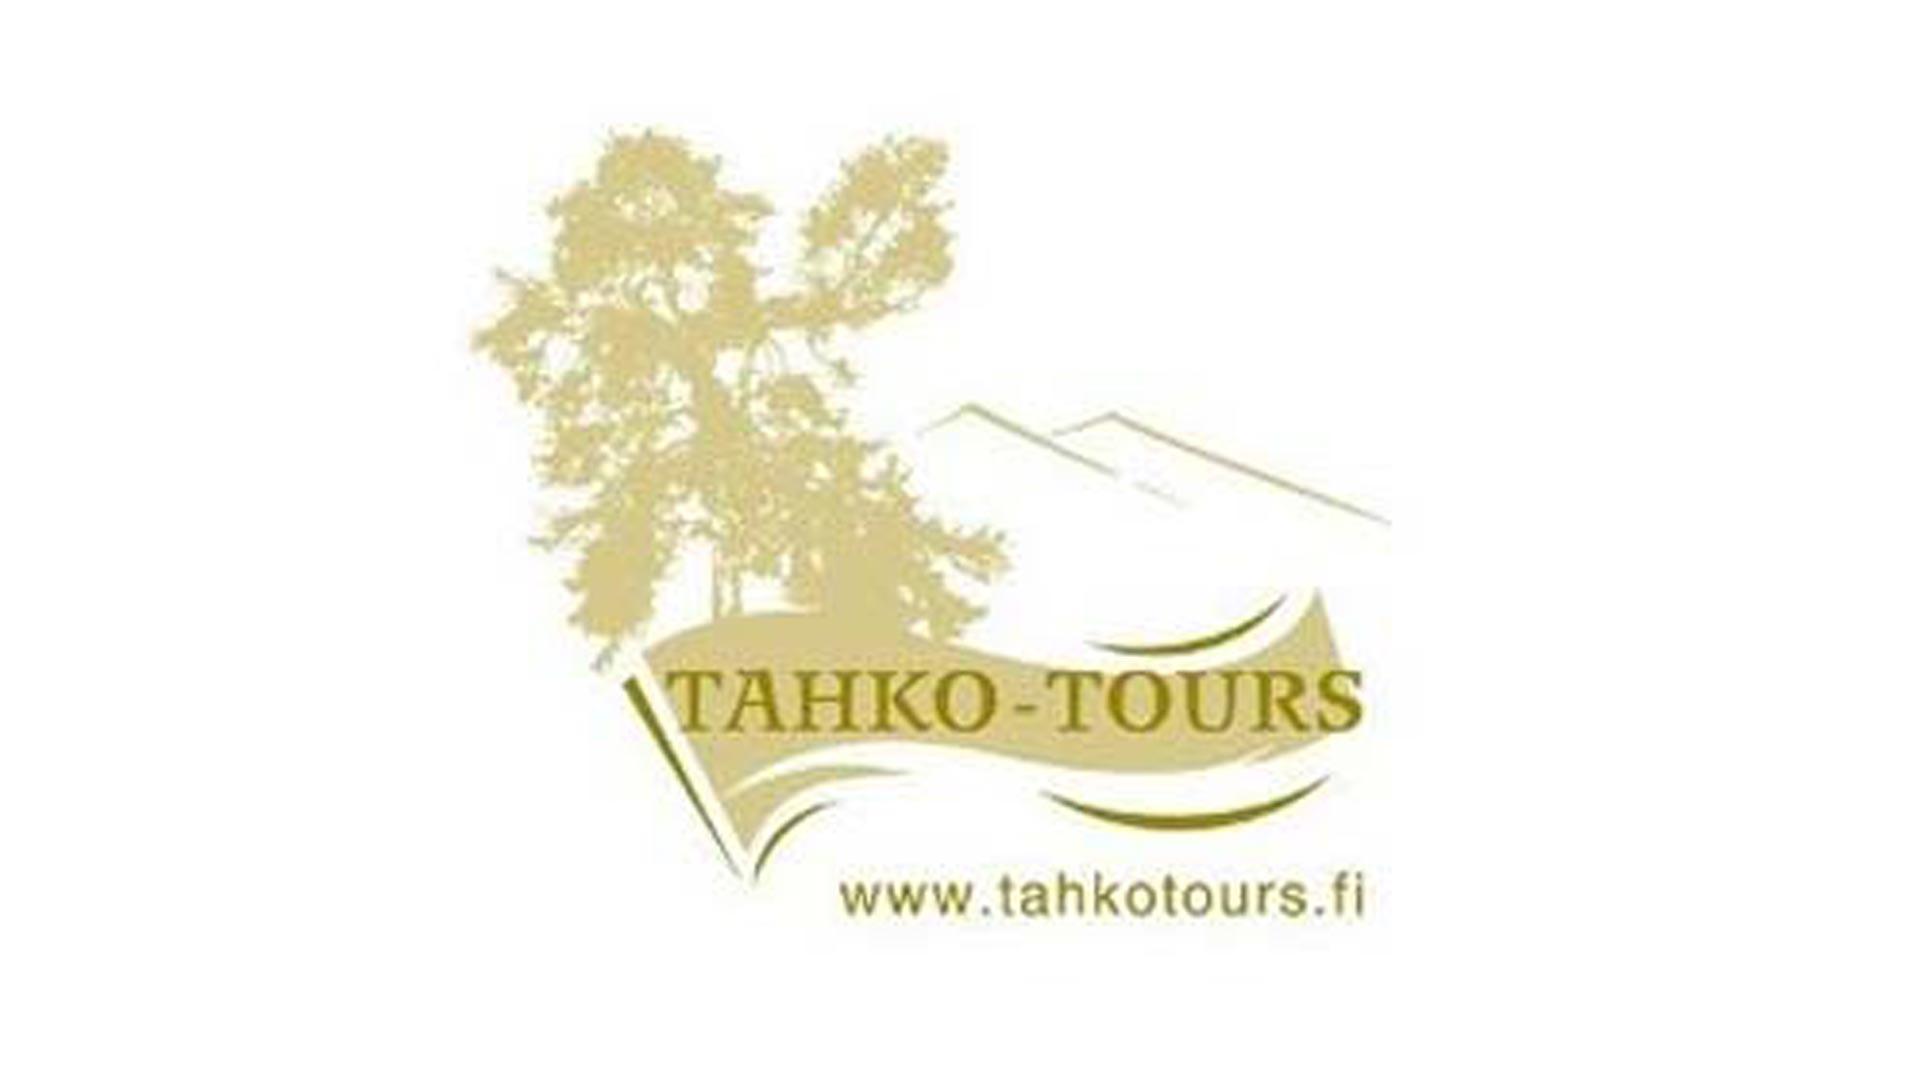 Tahko-Tours